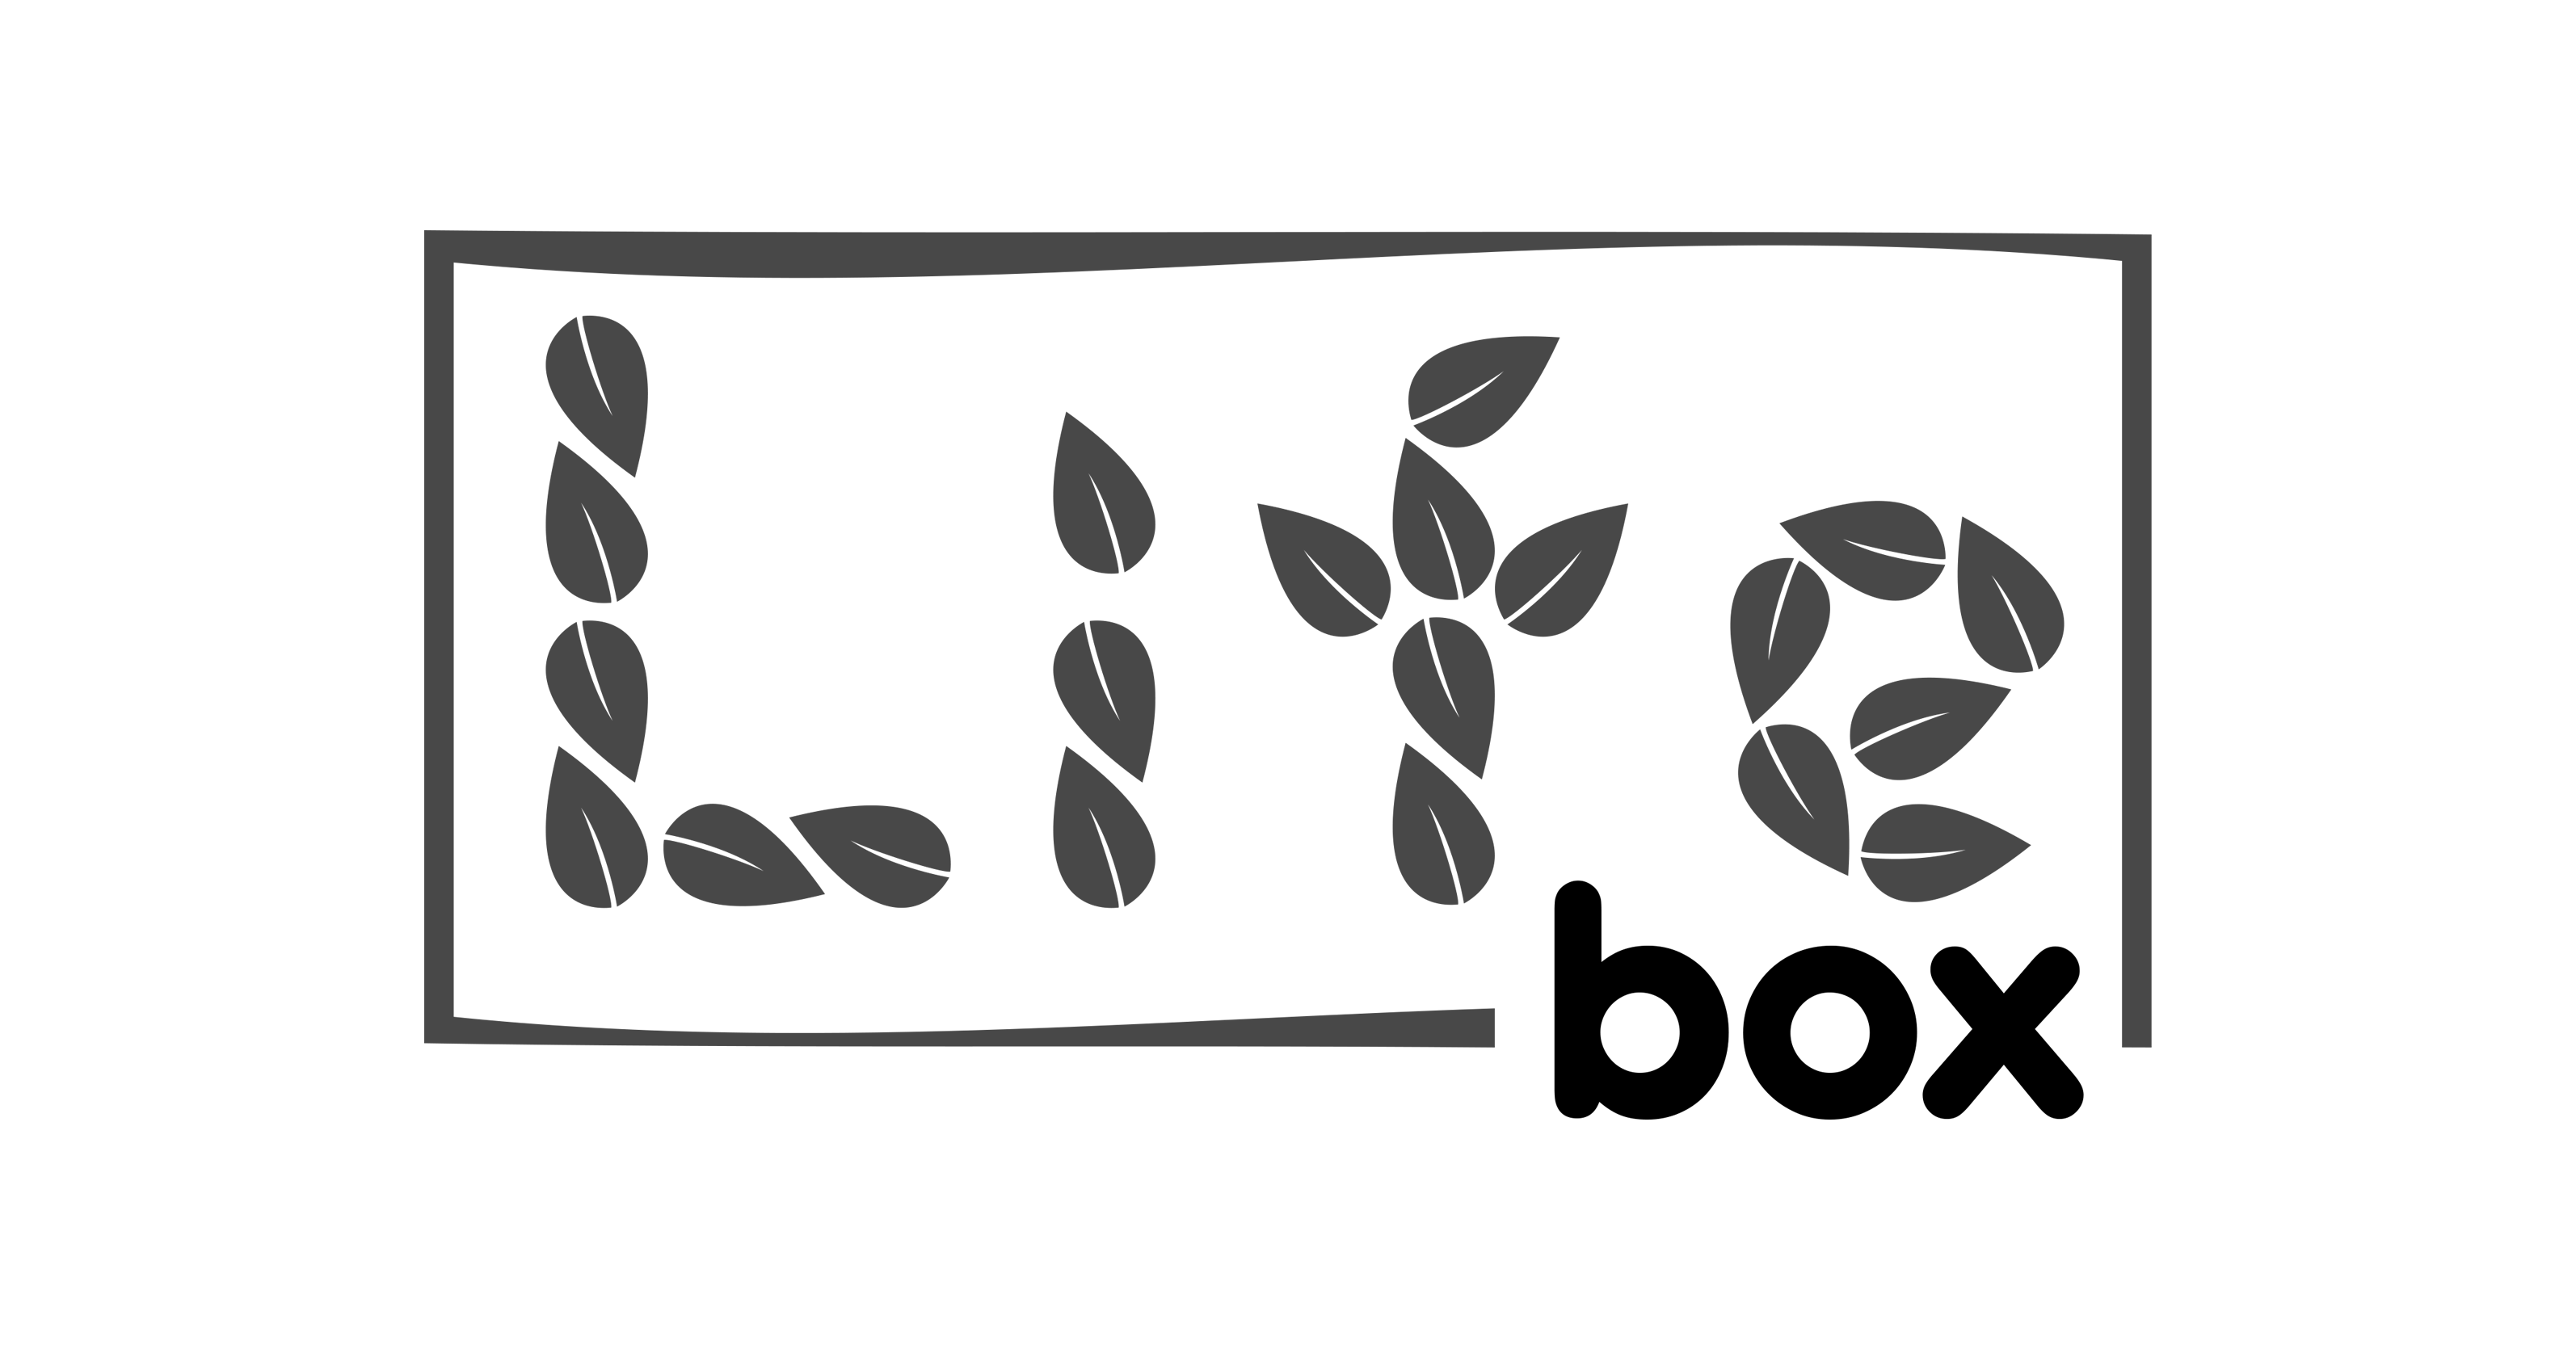 Разработка Логотипа. Победитель получит расширеный заказ  фото f_1555c348fac08540.png